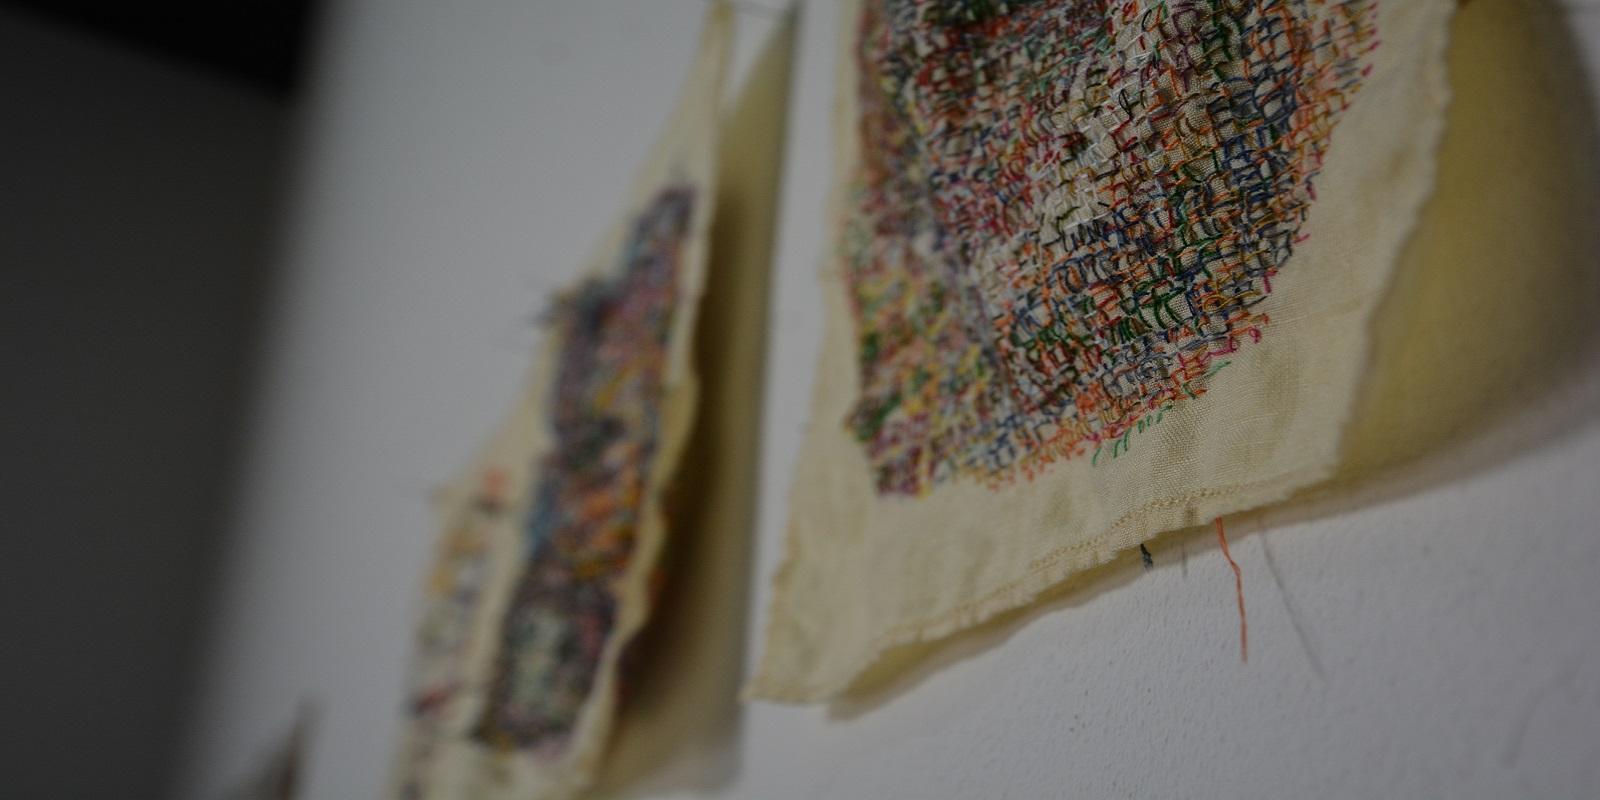 Aquarela, bordados e objetos em exposição na Índigo Arte